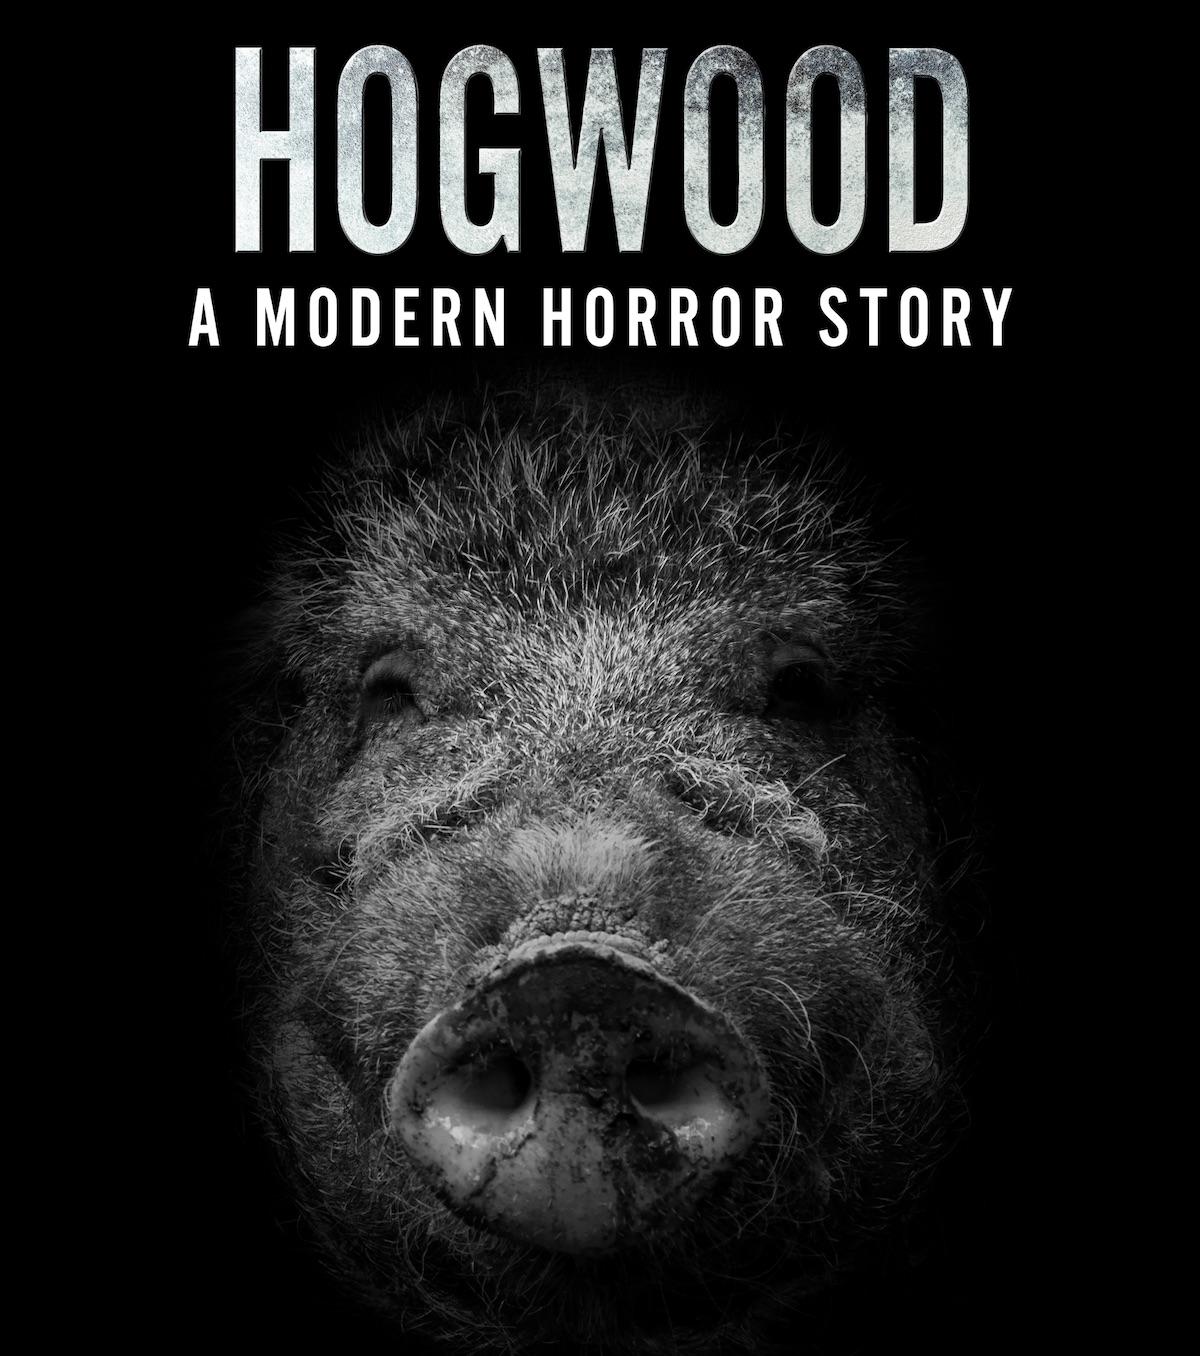 Hogwood-film-poster